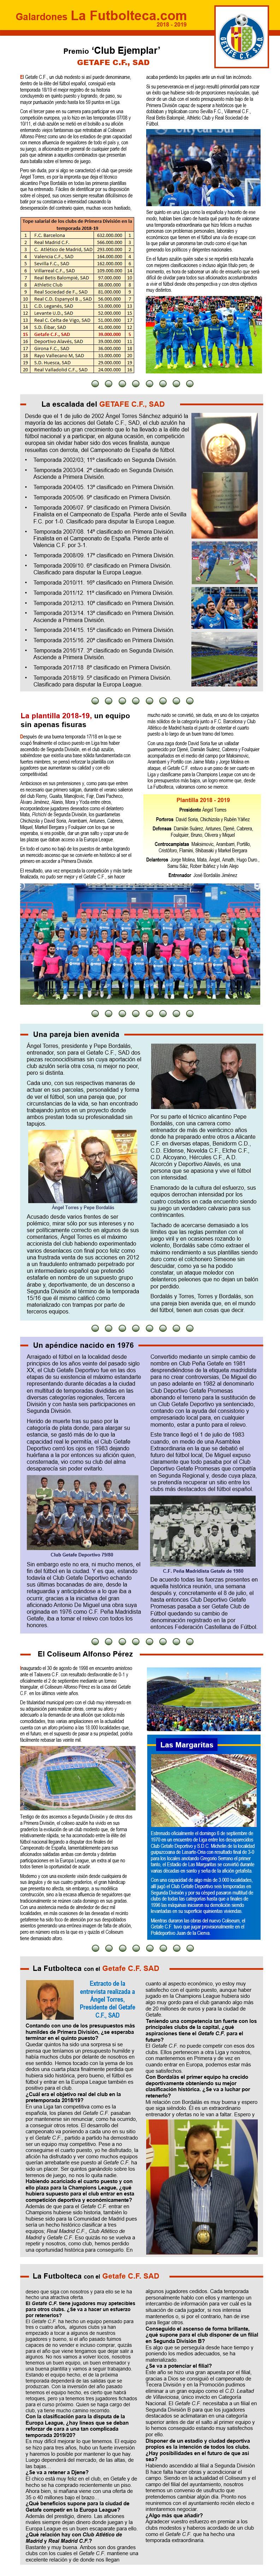 Premio Nacional Club Ejemplar 2018-2019 Getafe CF